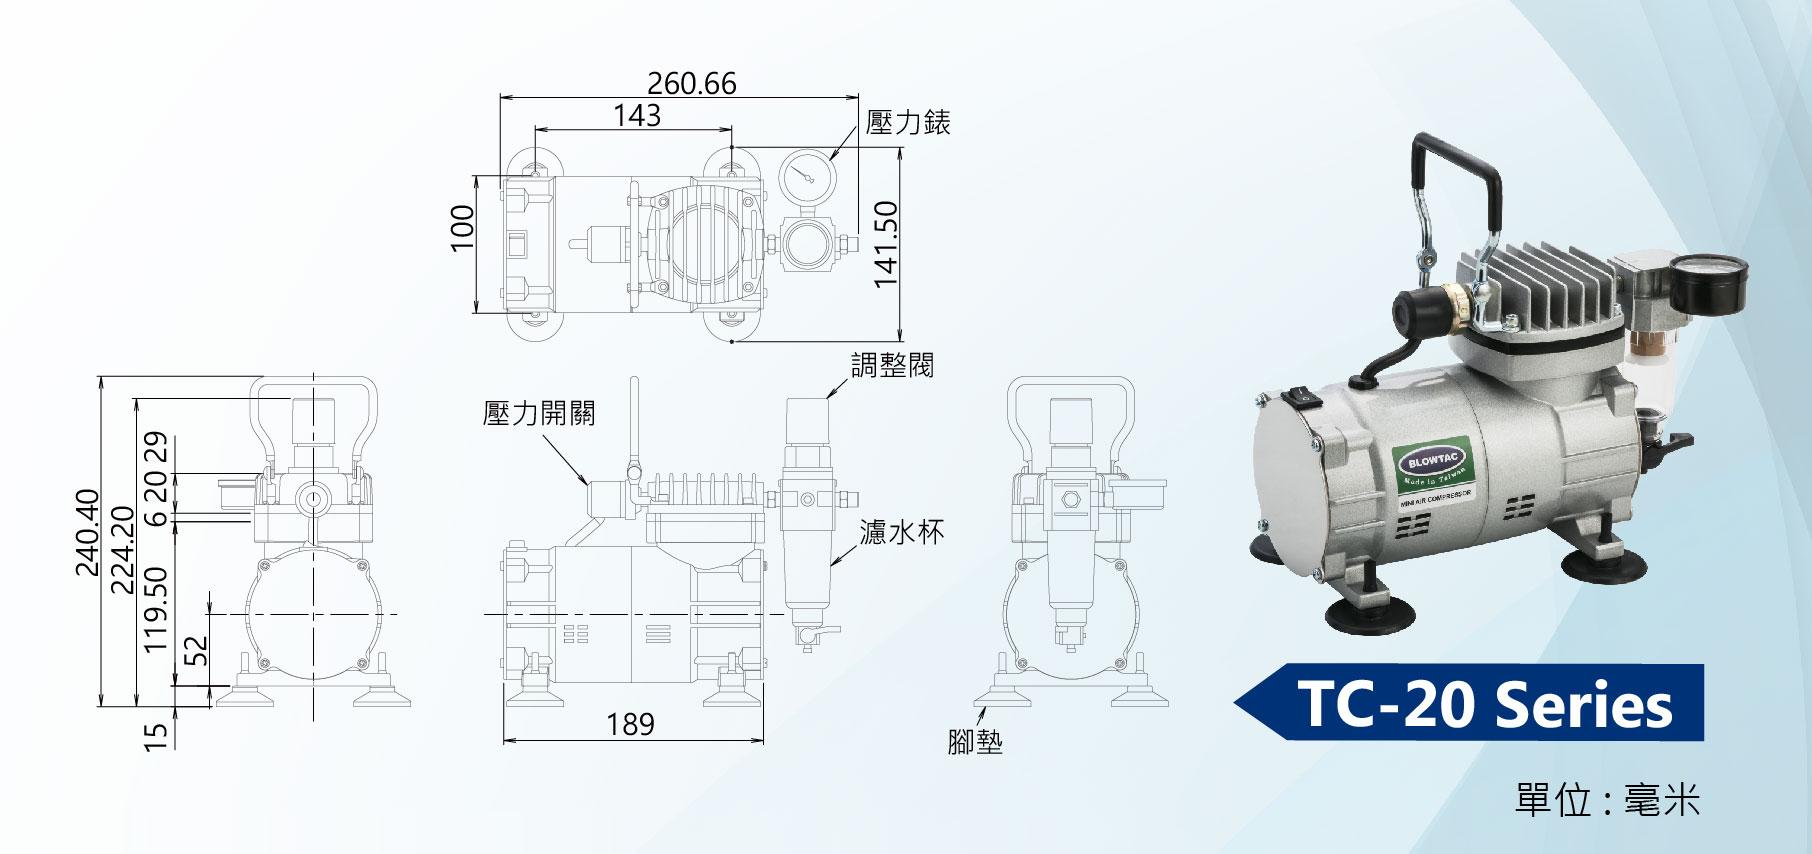 TC-20シリーズミニエアコンプレッサー寸法